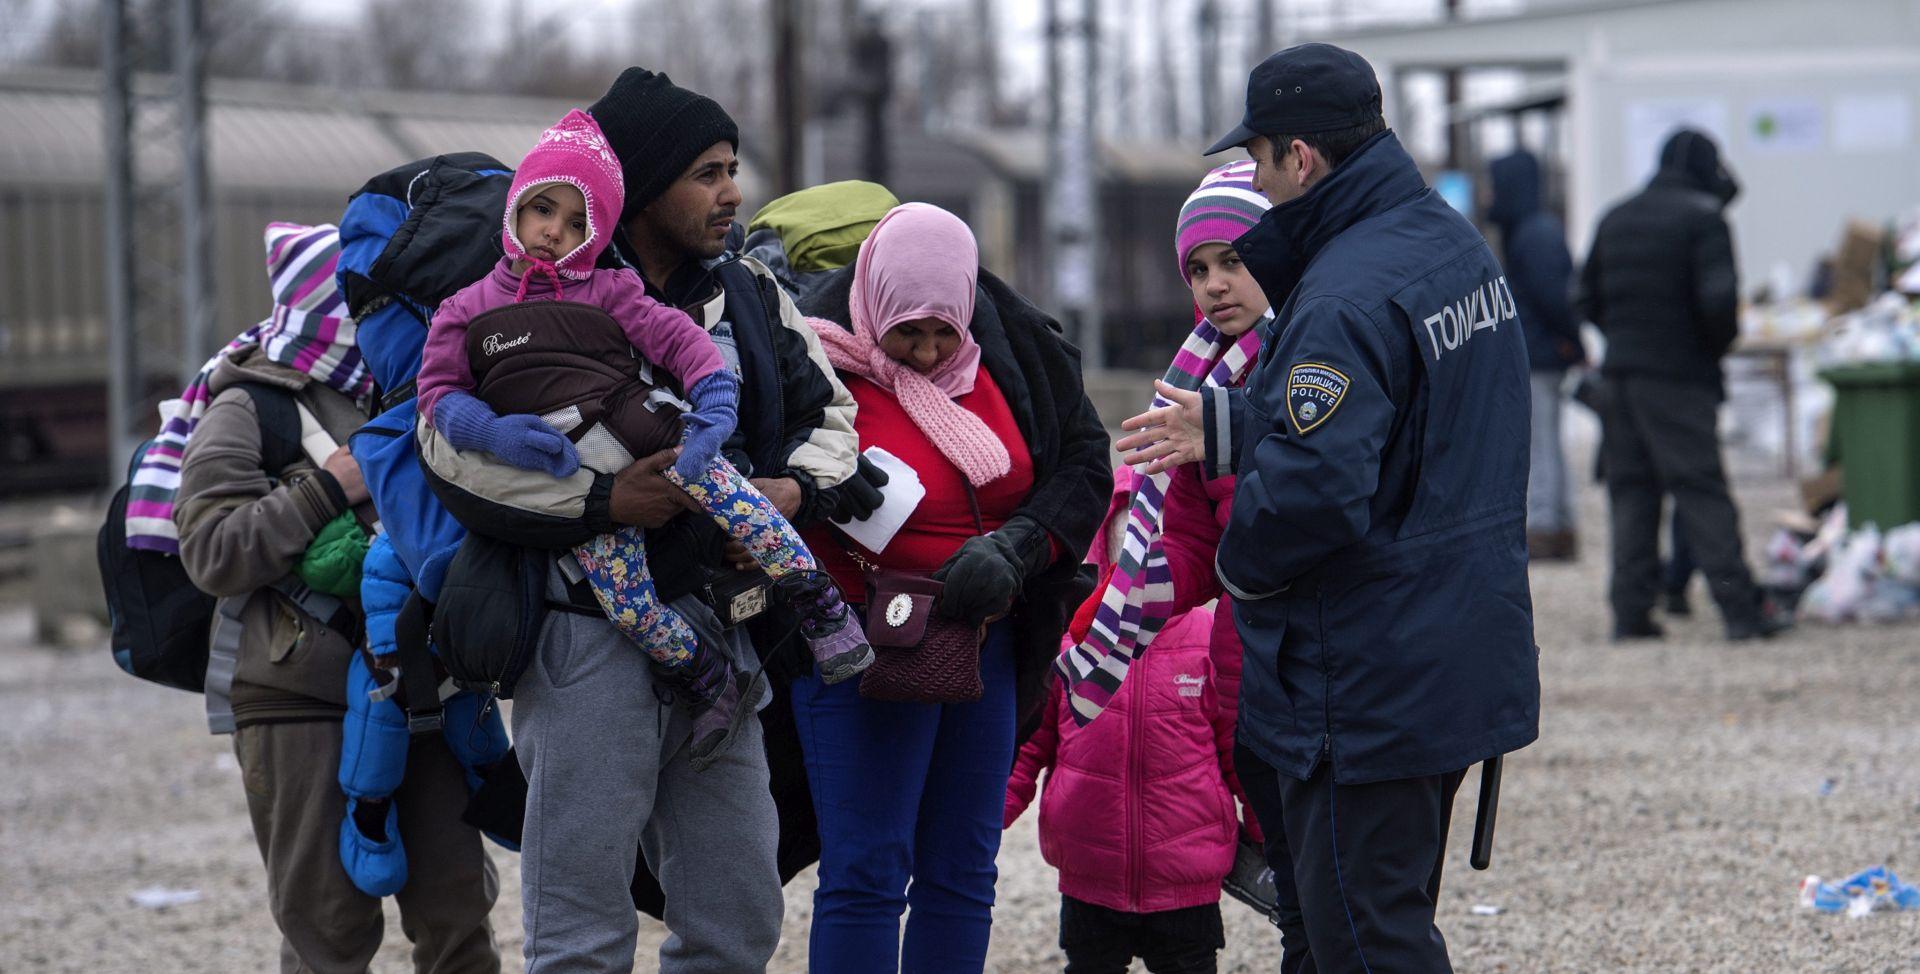 ZBOG POJAČANIH NAPADA: 70.000 izbjeglica na putu za tursku granicu